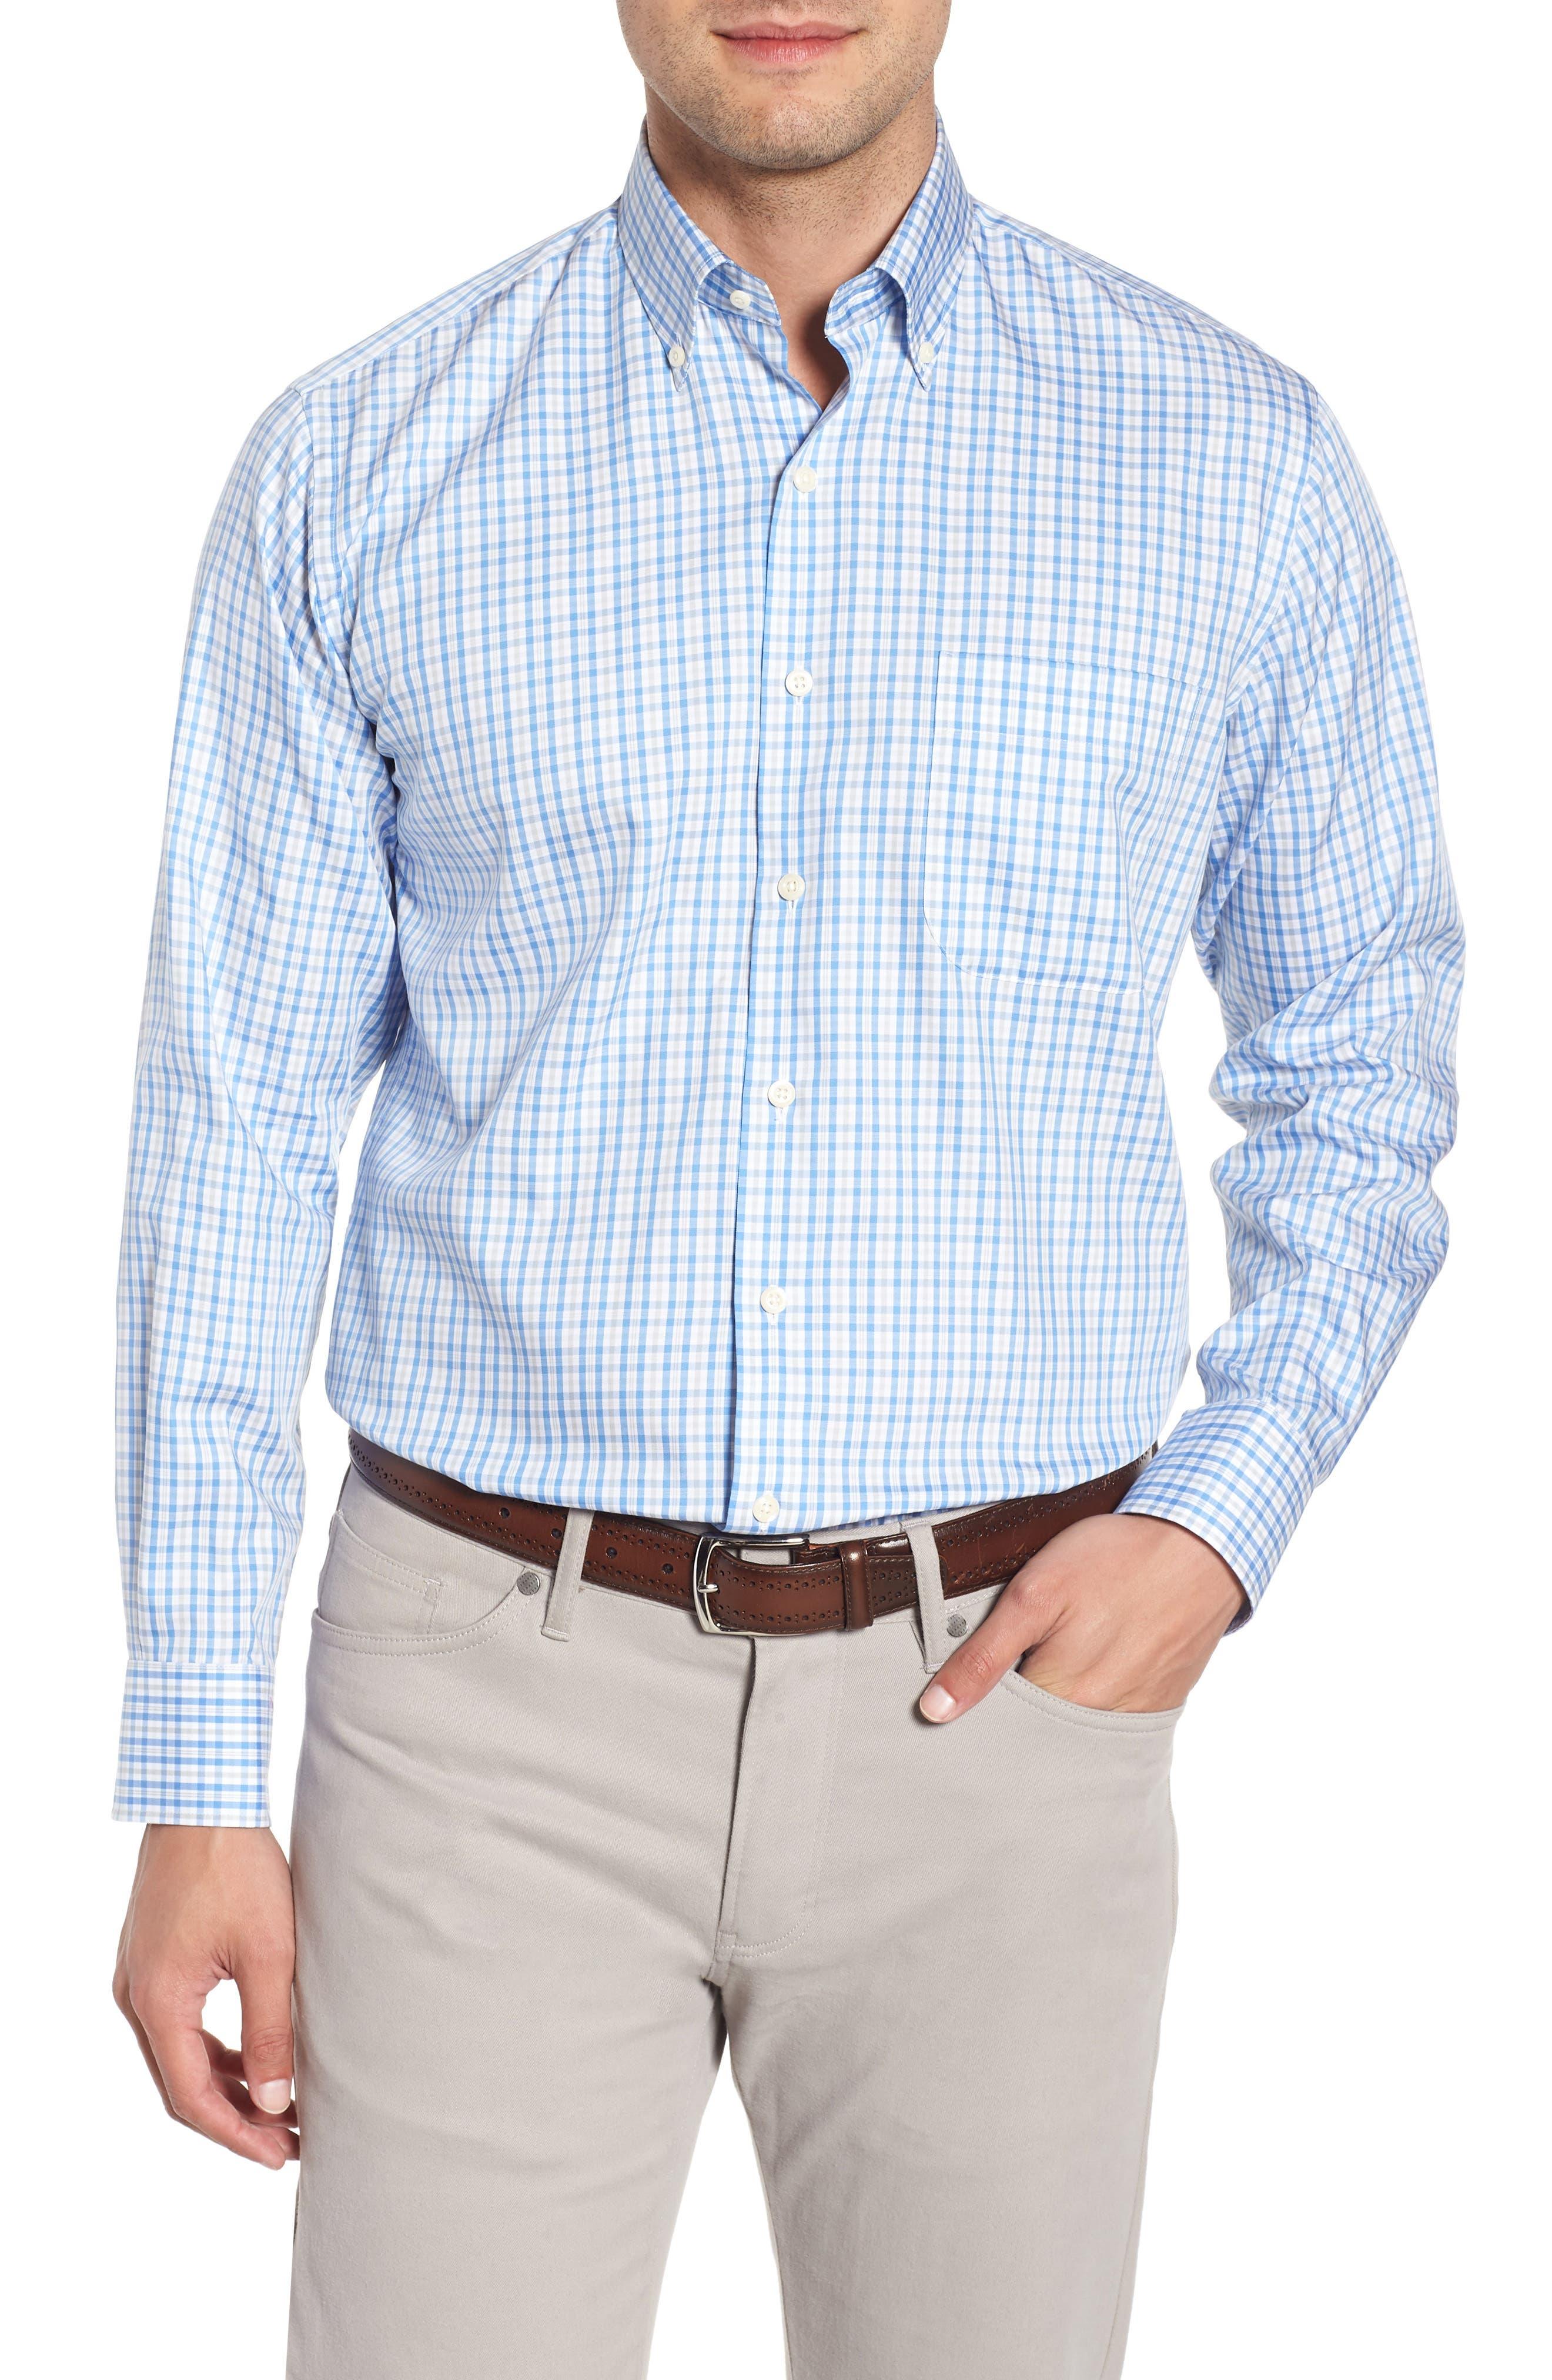 Crown Soft First Hill Plaid Sport Shirt,                             Main thumbnail 1, color,                             485